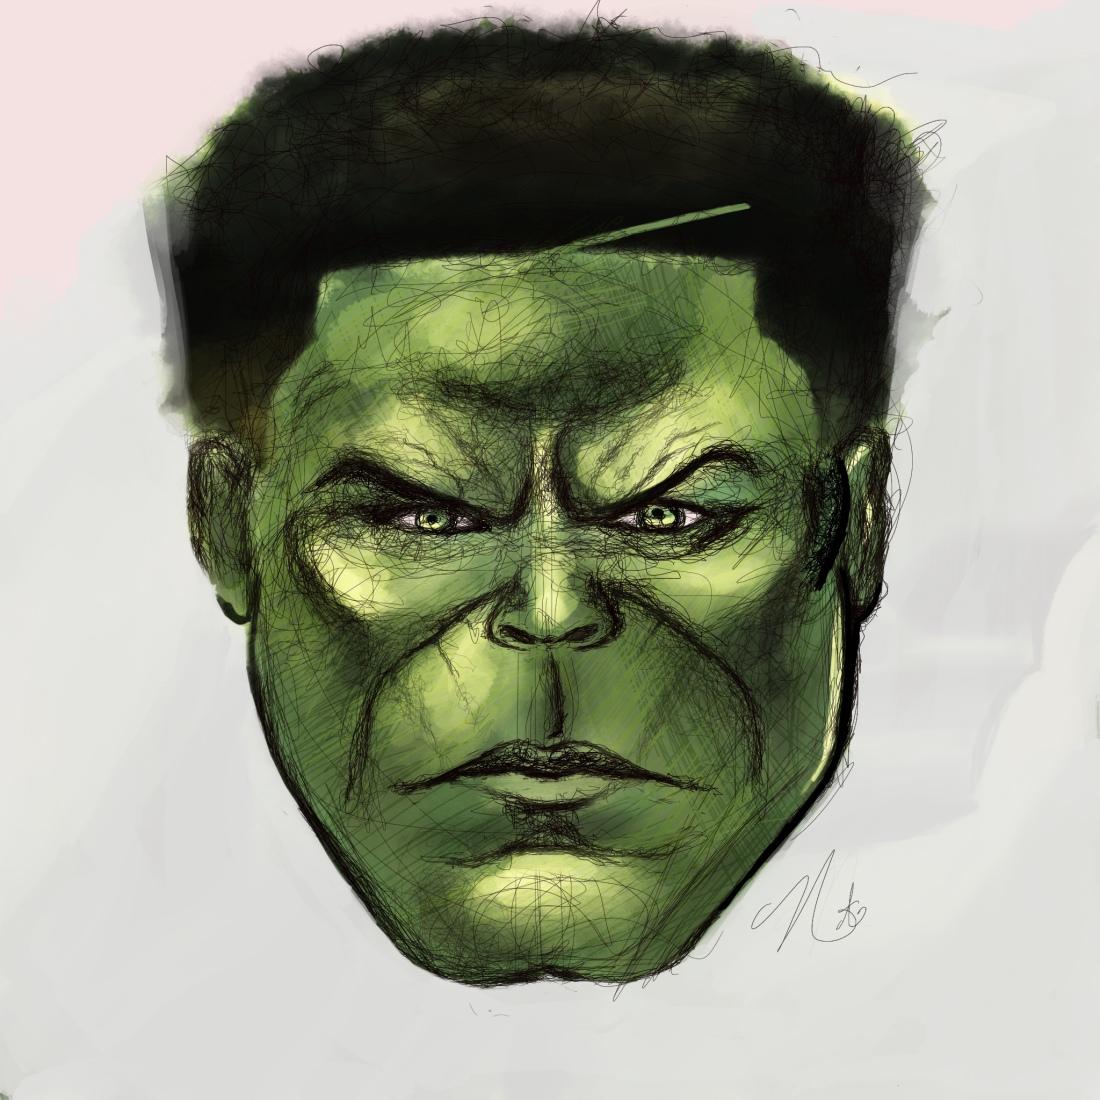 Hulk_face-2